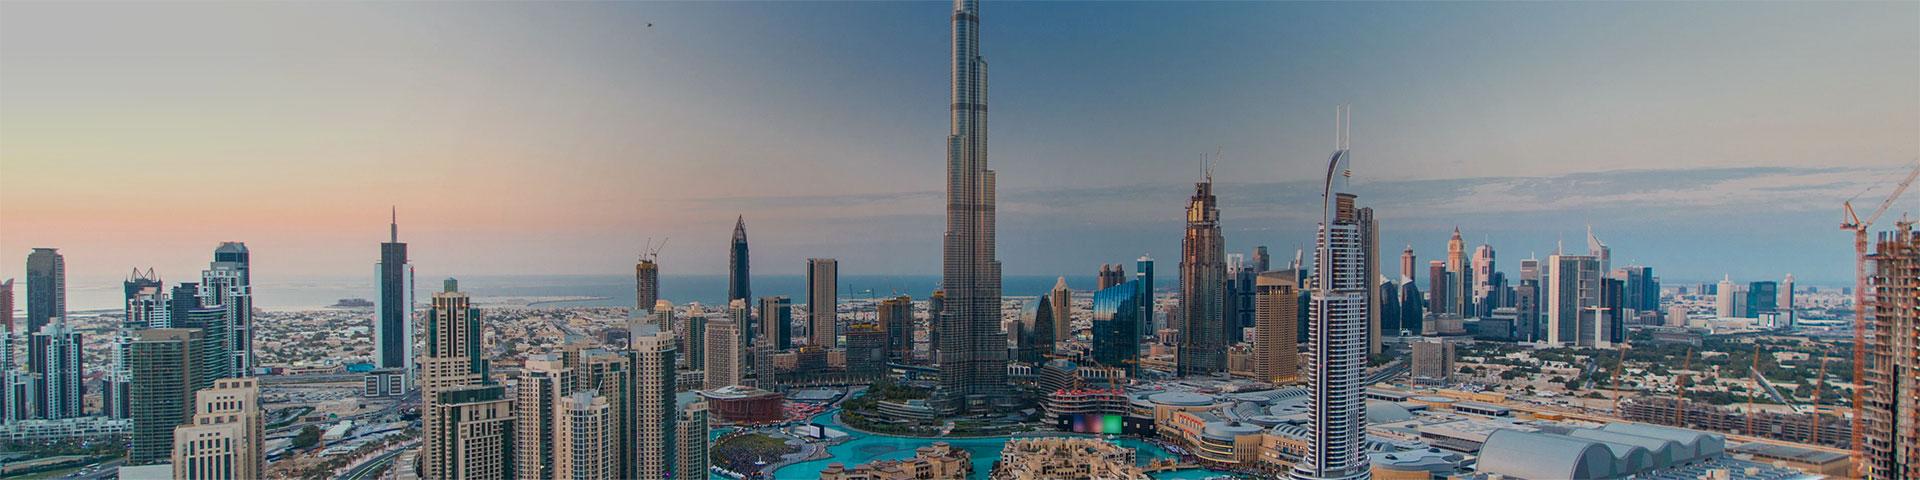 두바이 | 이집트 | 중동